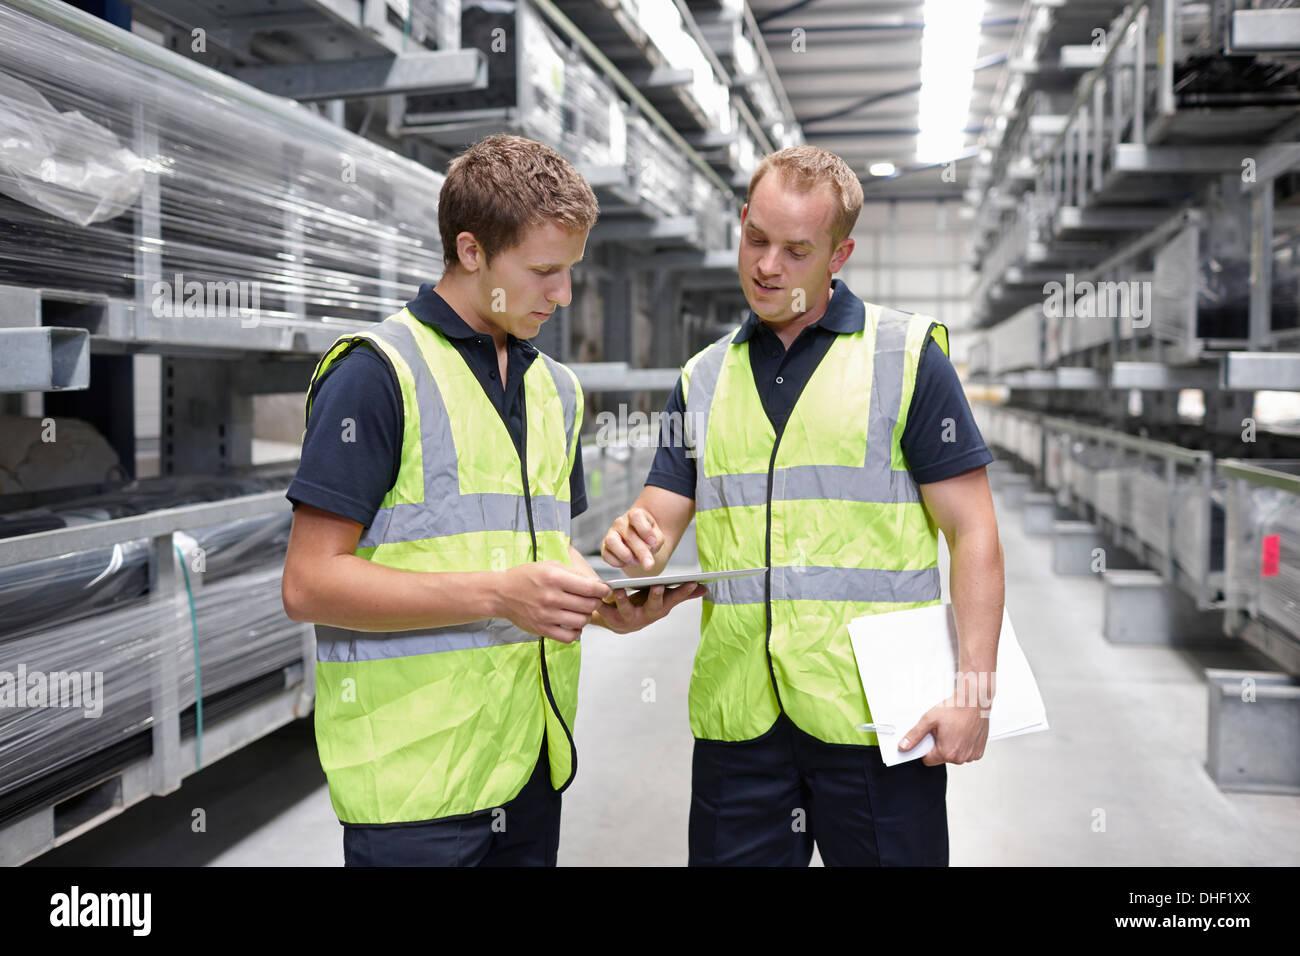 Los trabajadores controlar pedidos en almacén de ingeniería Imagen De Stock